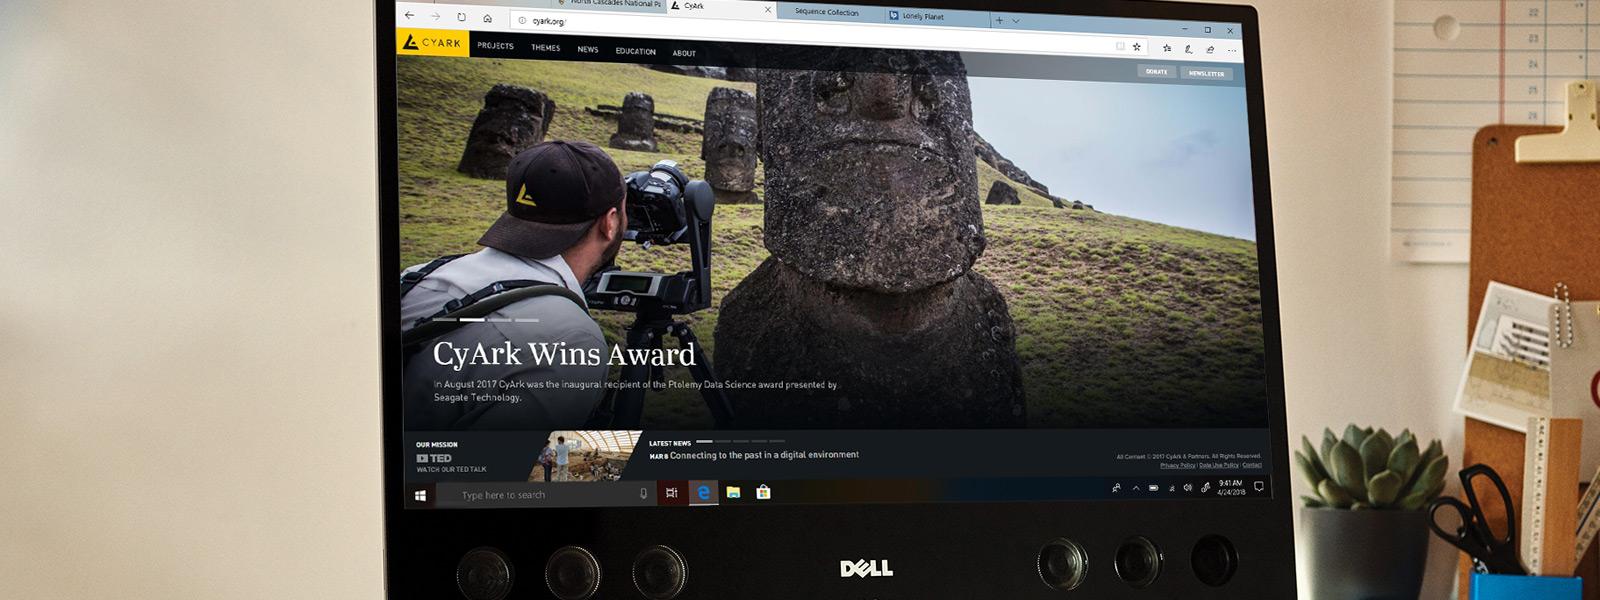 Οθόνη υπολογιστή πάνω σε γραφείο, που εμφανίζει το πρόγραμμα περιήγησης Microsoft Edge να δείχνει βίντεο 4K Ultra HD